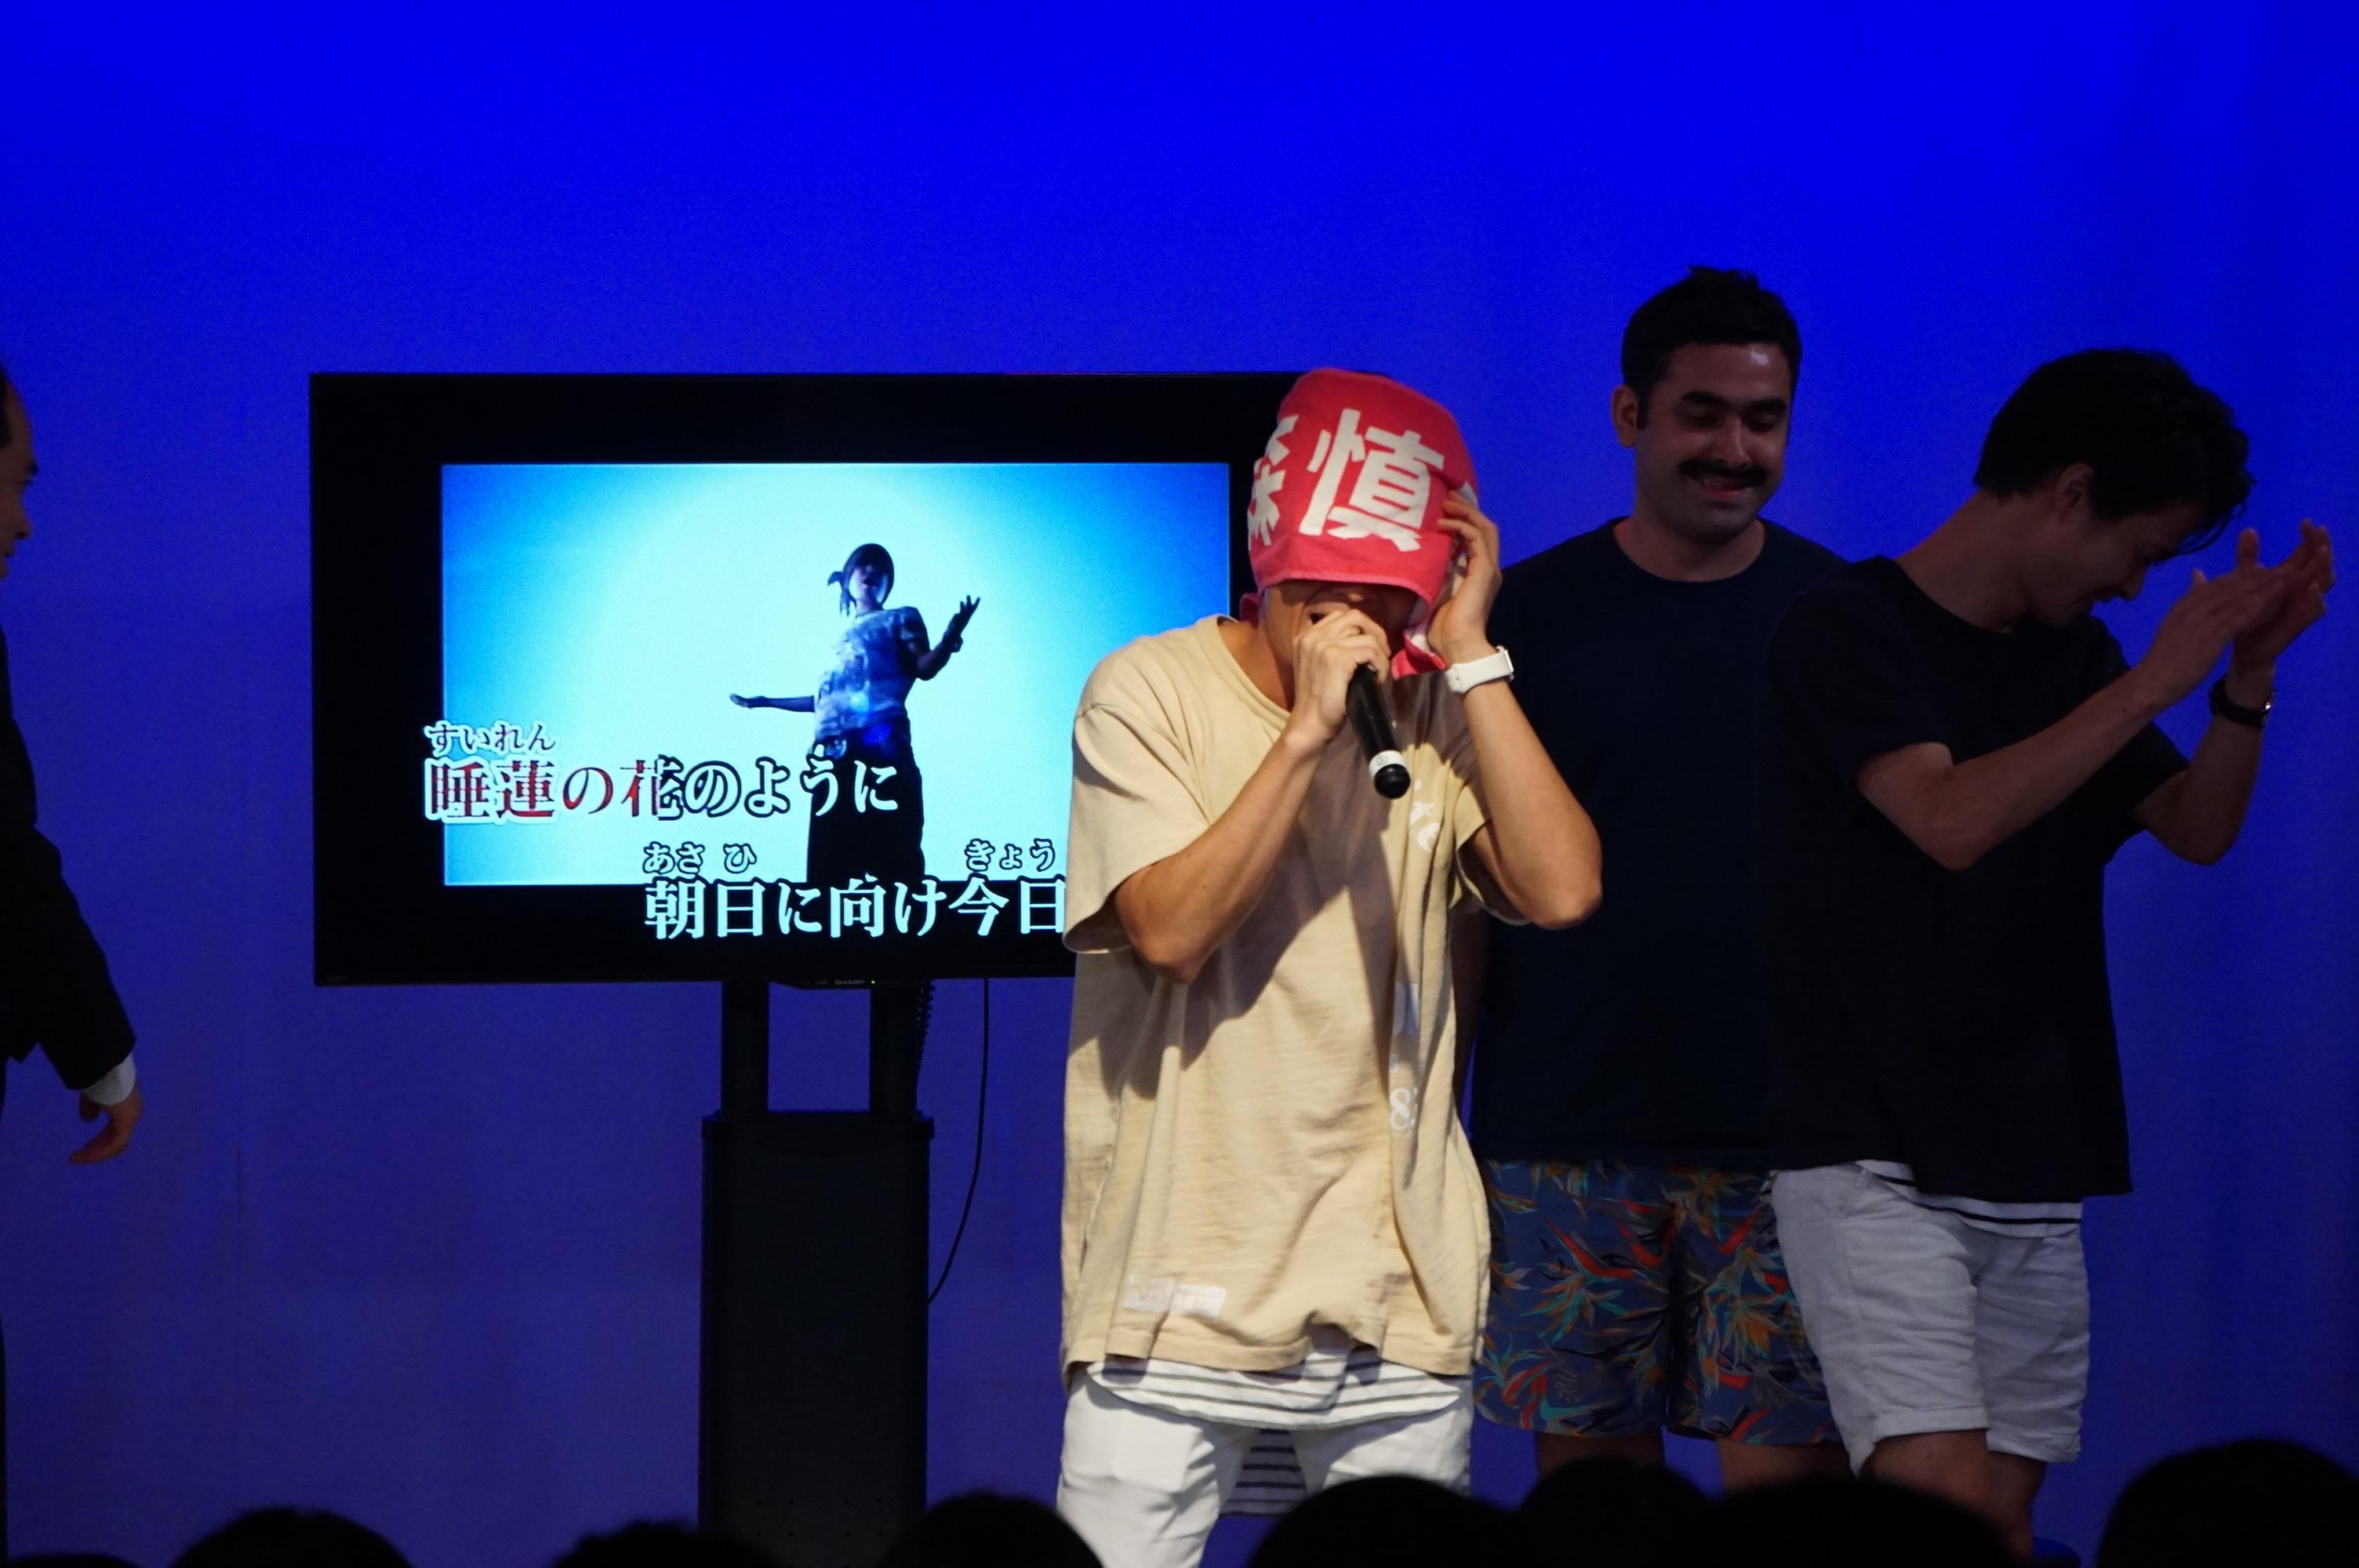 http://news.yoshimoto.co.jp/20160729181738-a4b4878caa264a572e58d5692605f7a97f3f0cdd.jpg